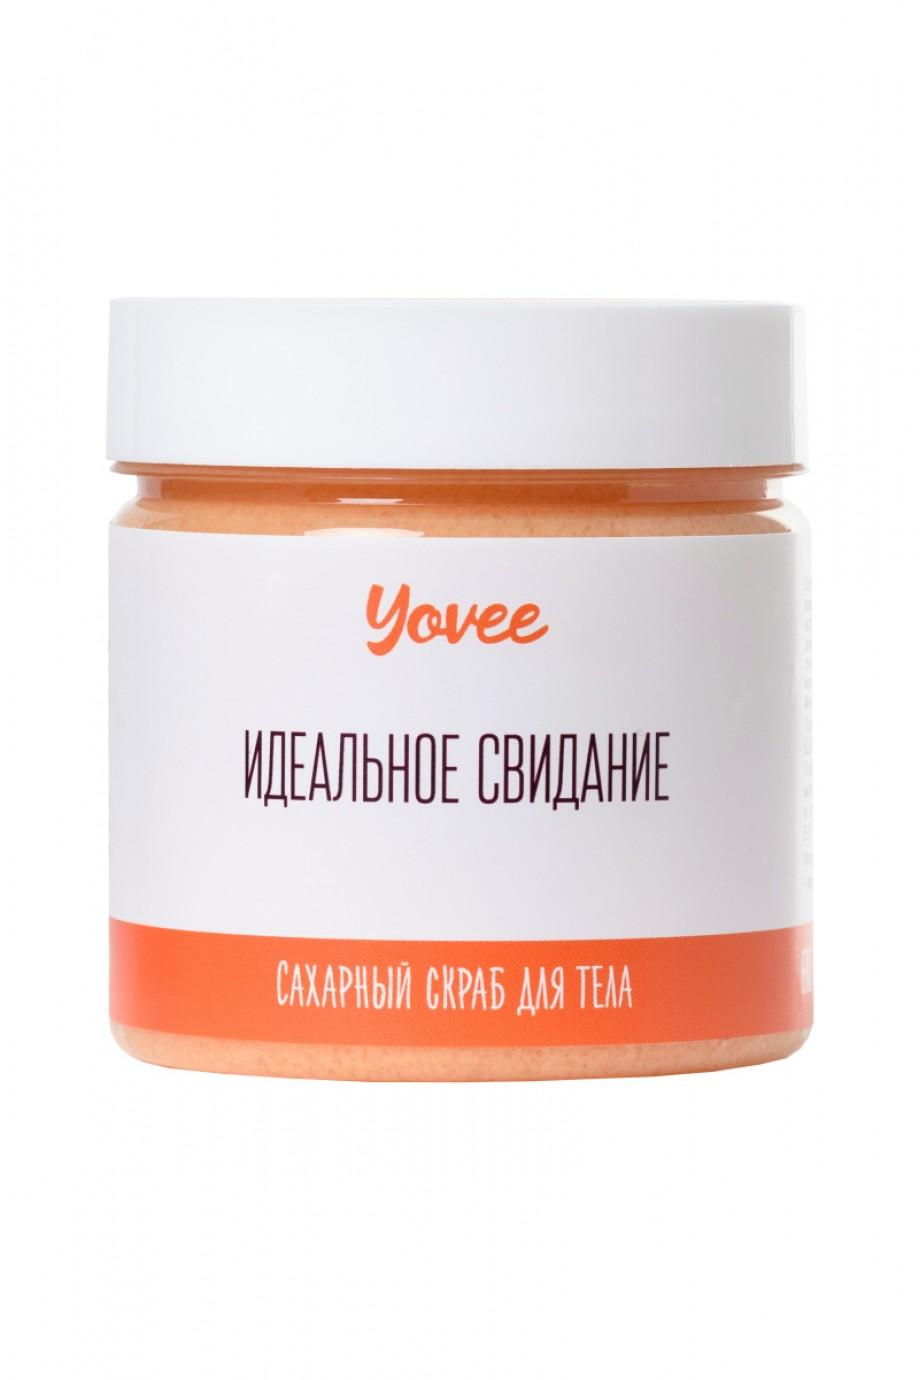 Скраб для тела Yovee by Toyfa «Сочный», с ароматом апельсина